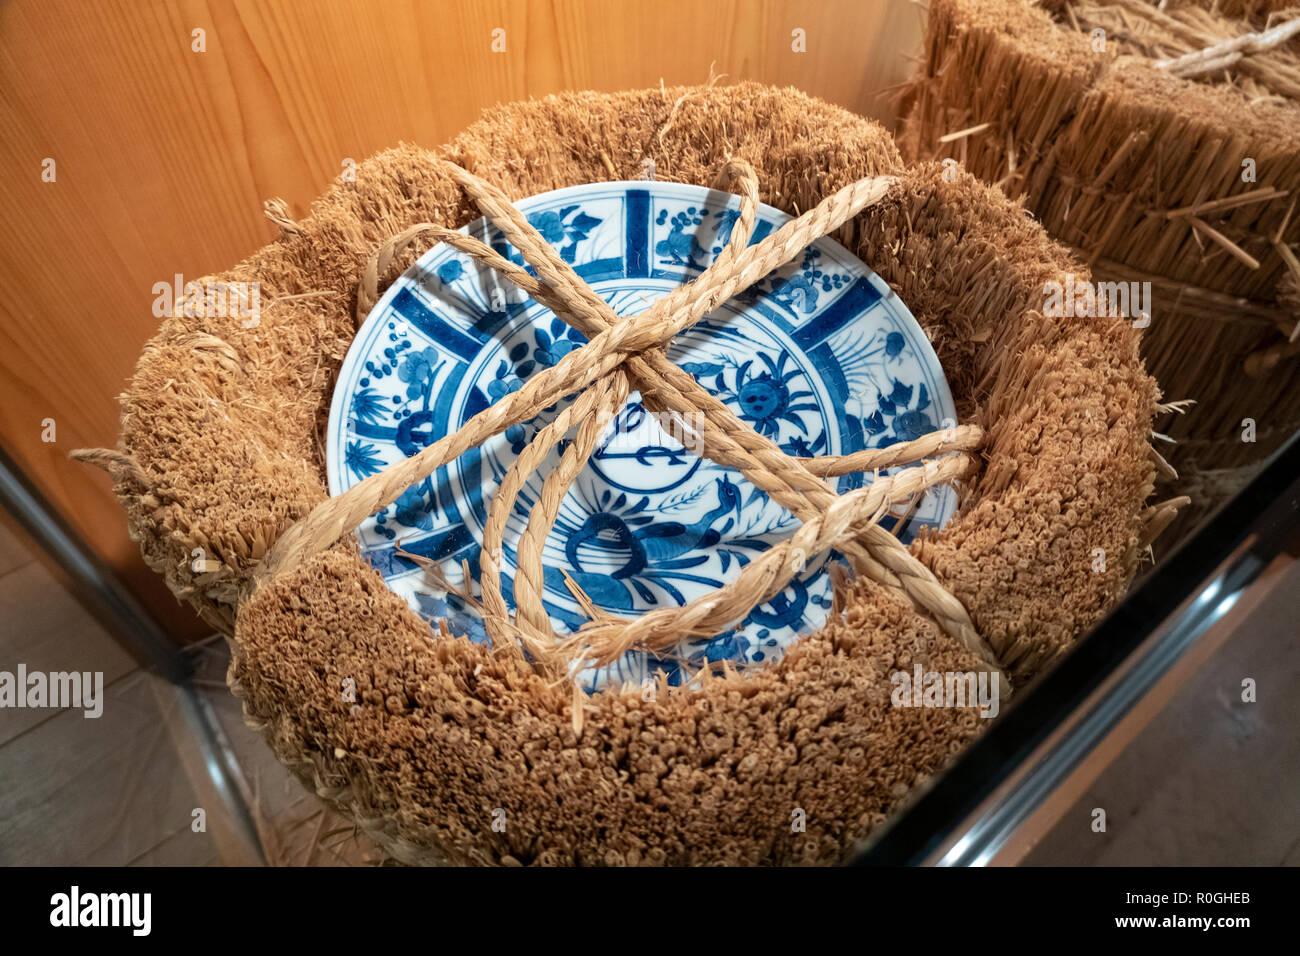 Azul blanco porcelana Arita japonés placa VOC S.XVII decorado en estilo Kraak chino con el logo de la Compañía Holandesa de las Indias Orientales VOC Listo para envío Imagen De Stock